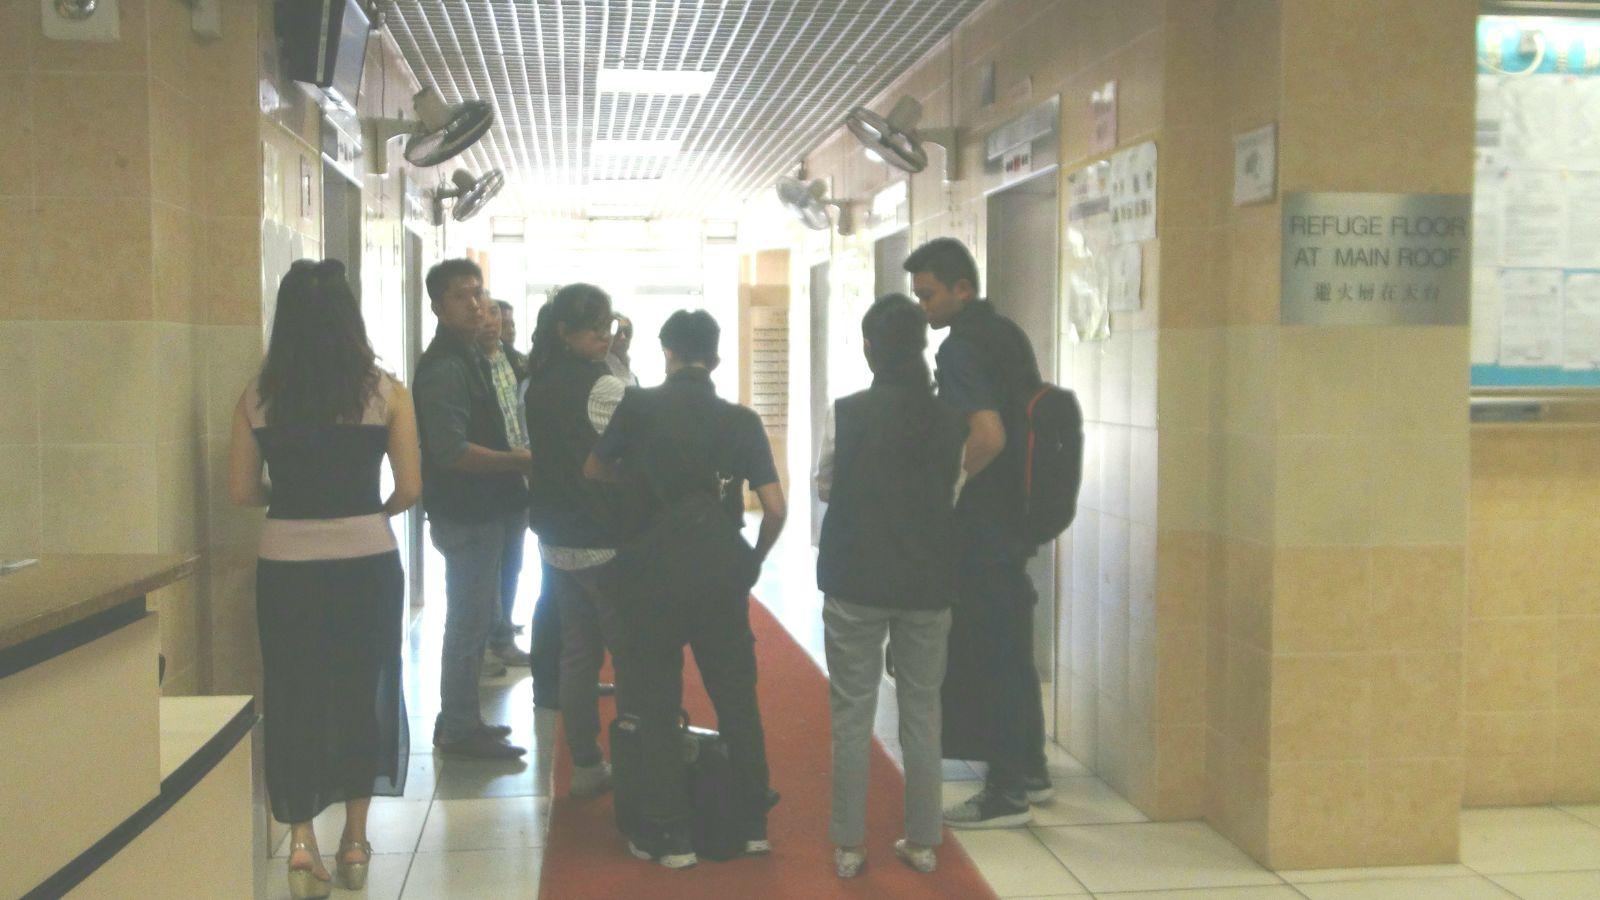 案件現時由大埔重案組第二隊接手調查。